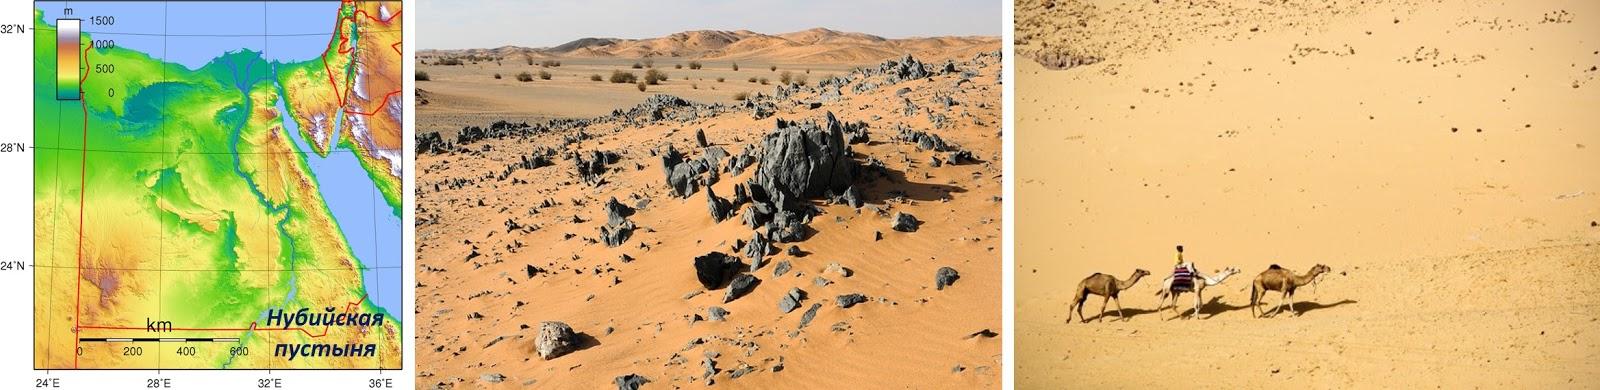 juodosios dykumos prekybos variantas